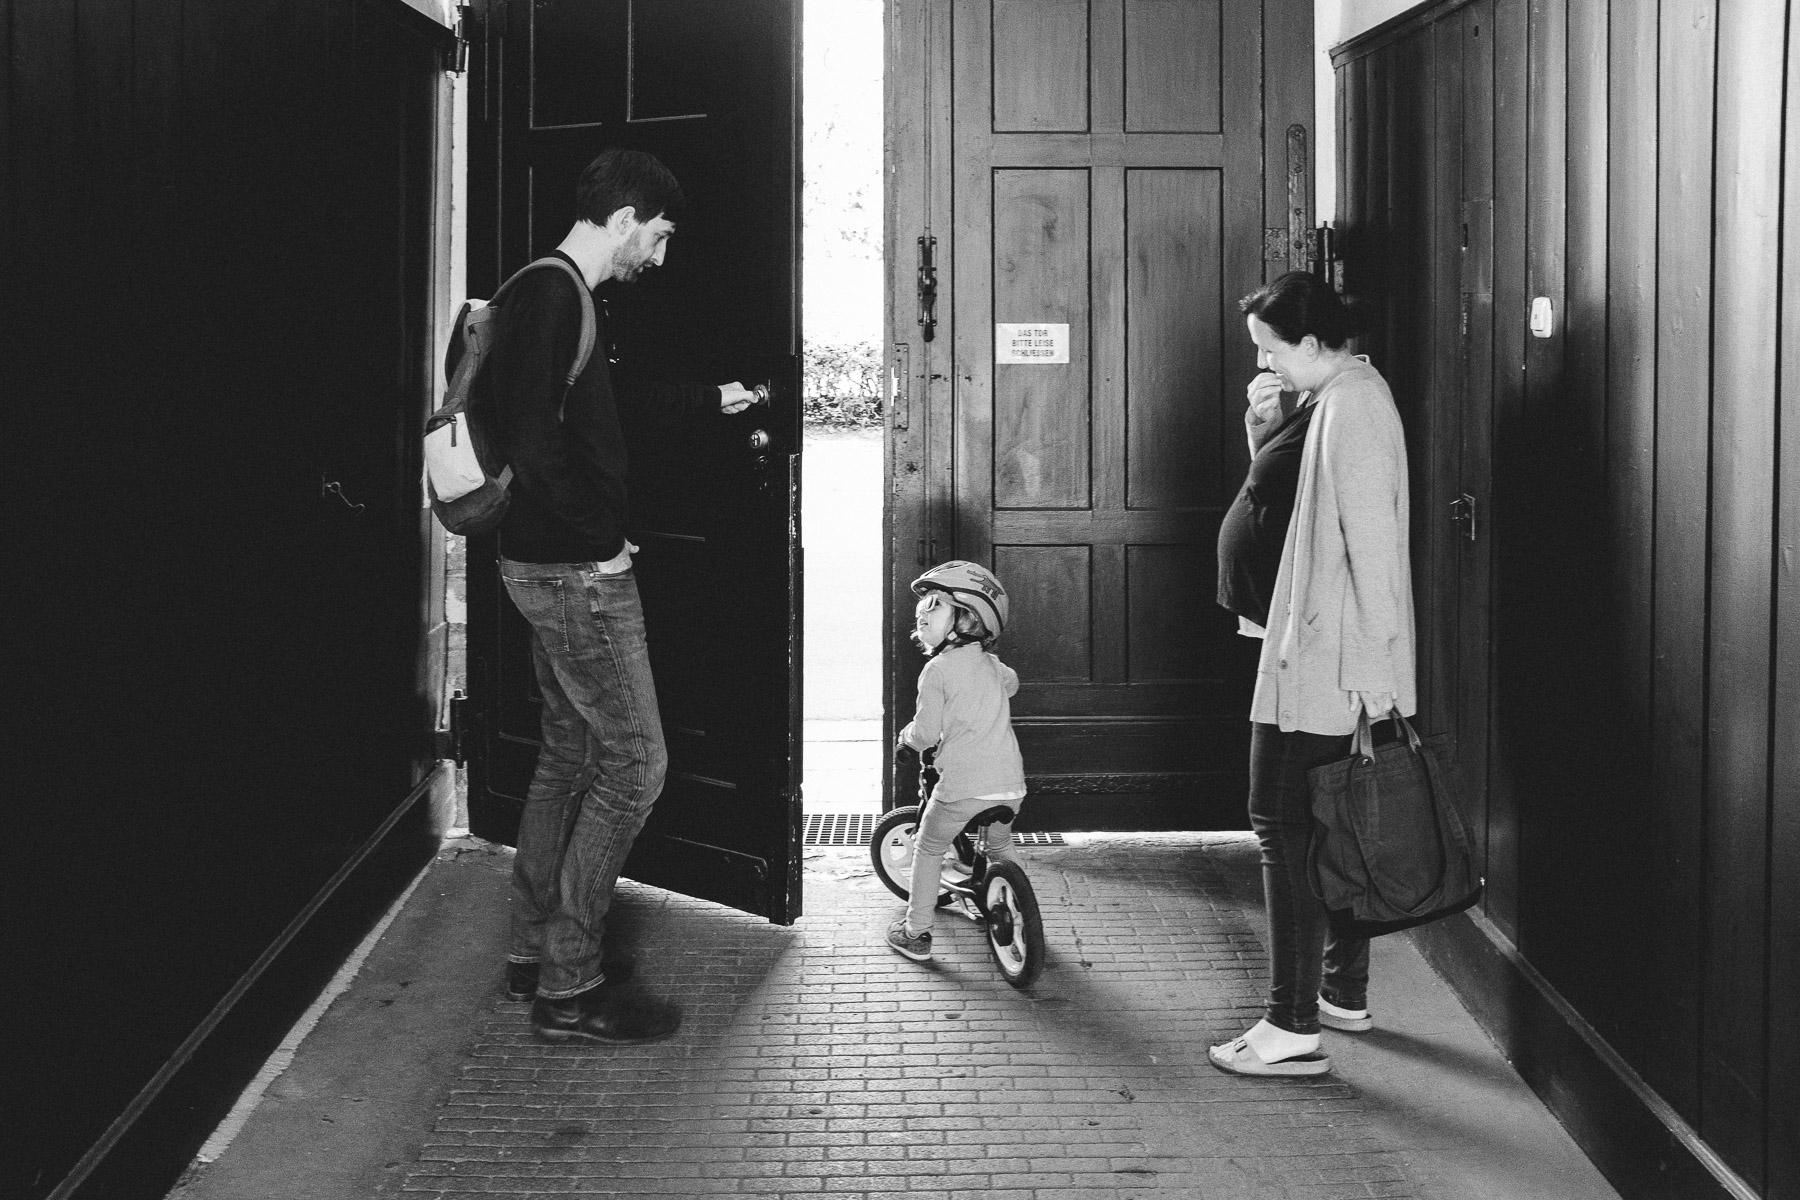 Martin_Liebl_Kein_Familienfotograf_BL_Blog_15.jpg